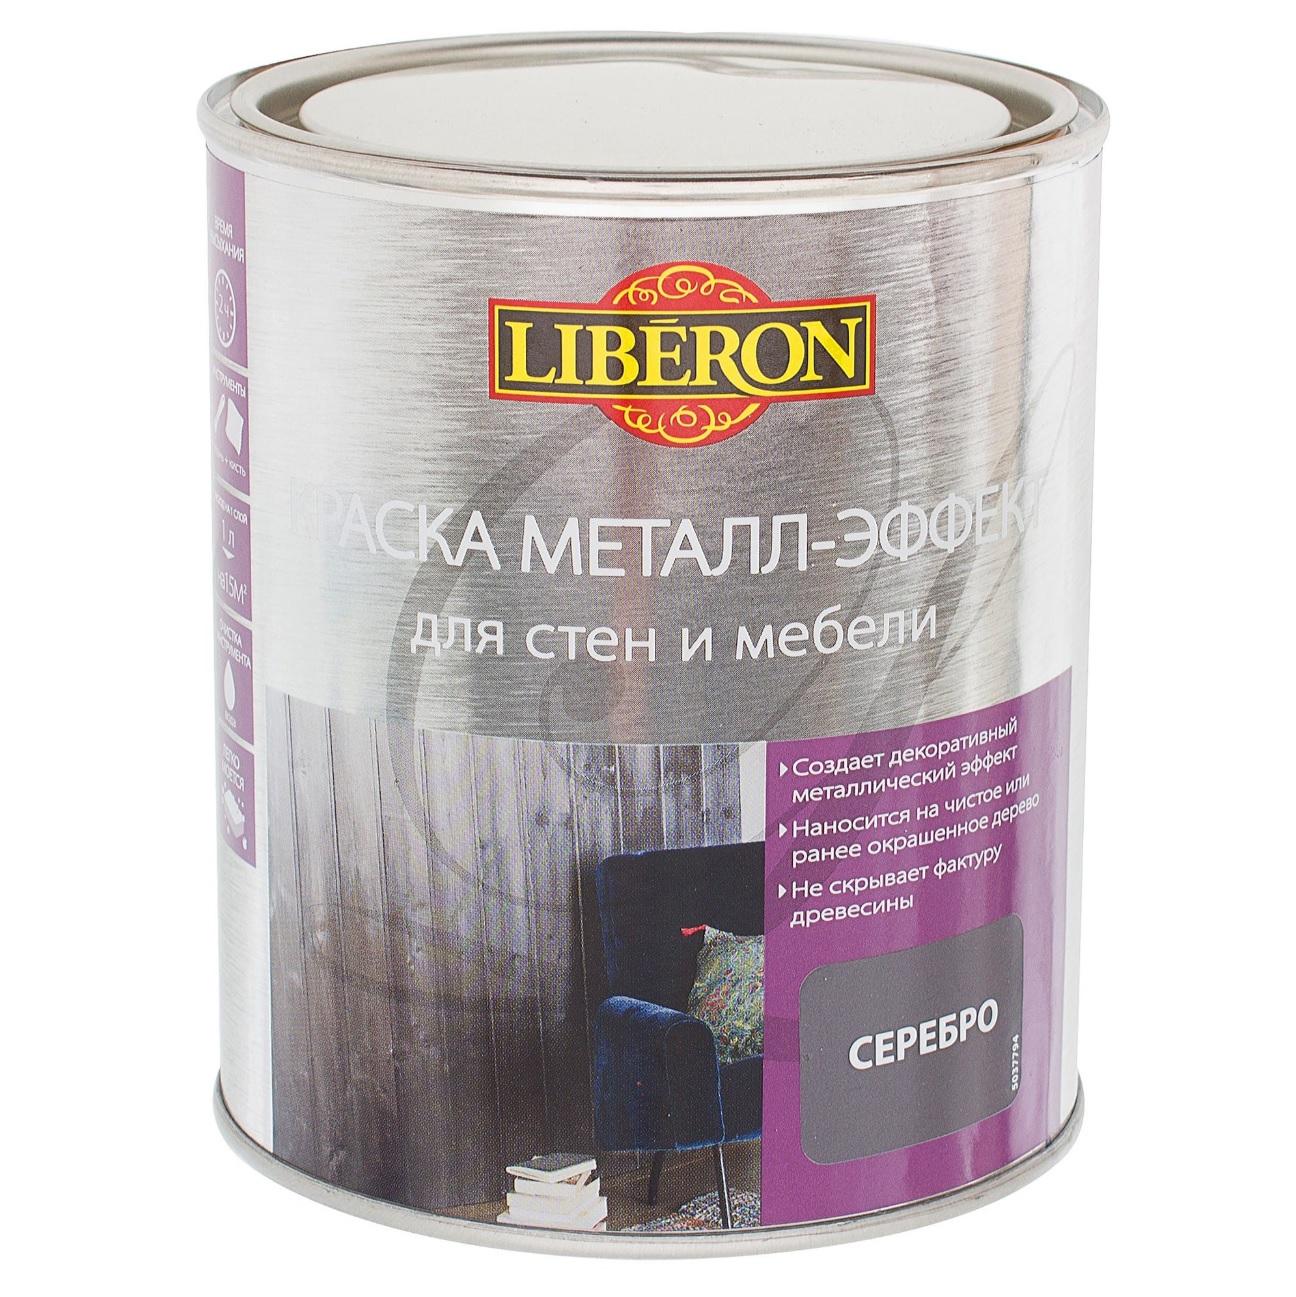 Краска Liberon металл-эффект серебро 1л для дерева краска liberon металл эффект полуглянец алюминий 1л для дерева